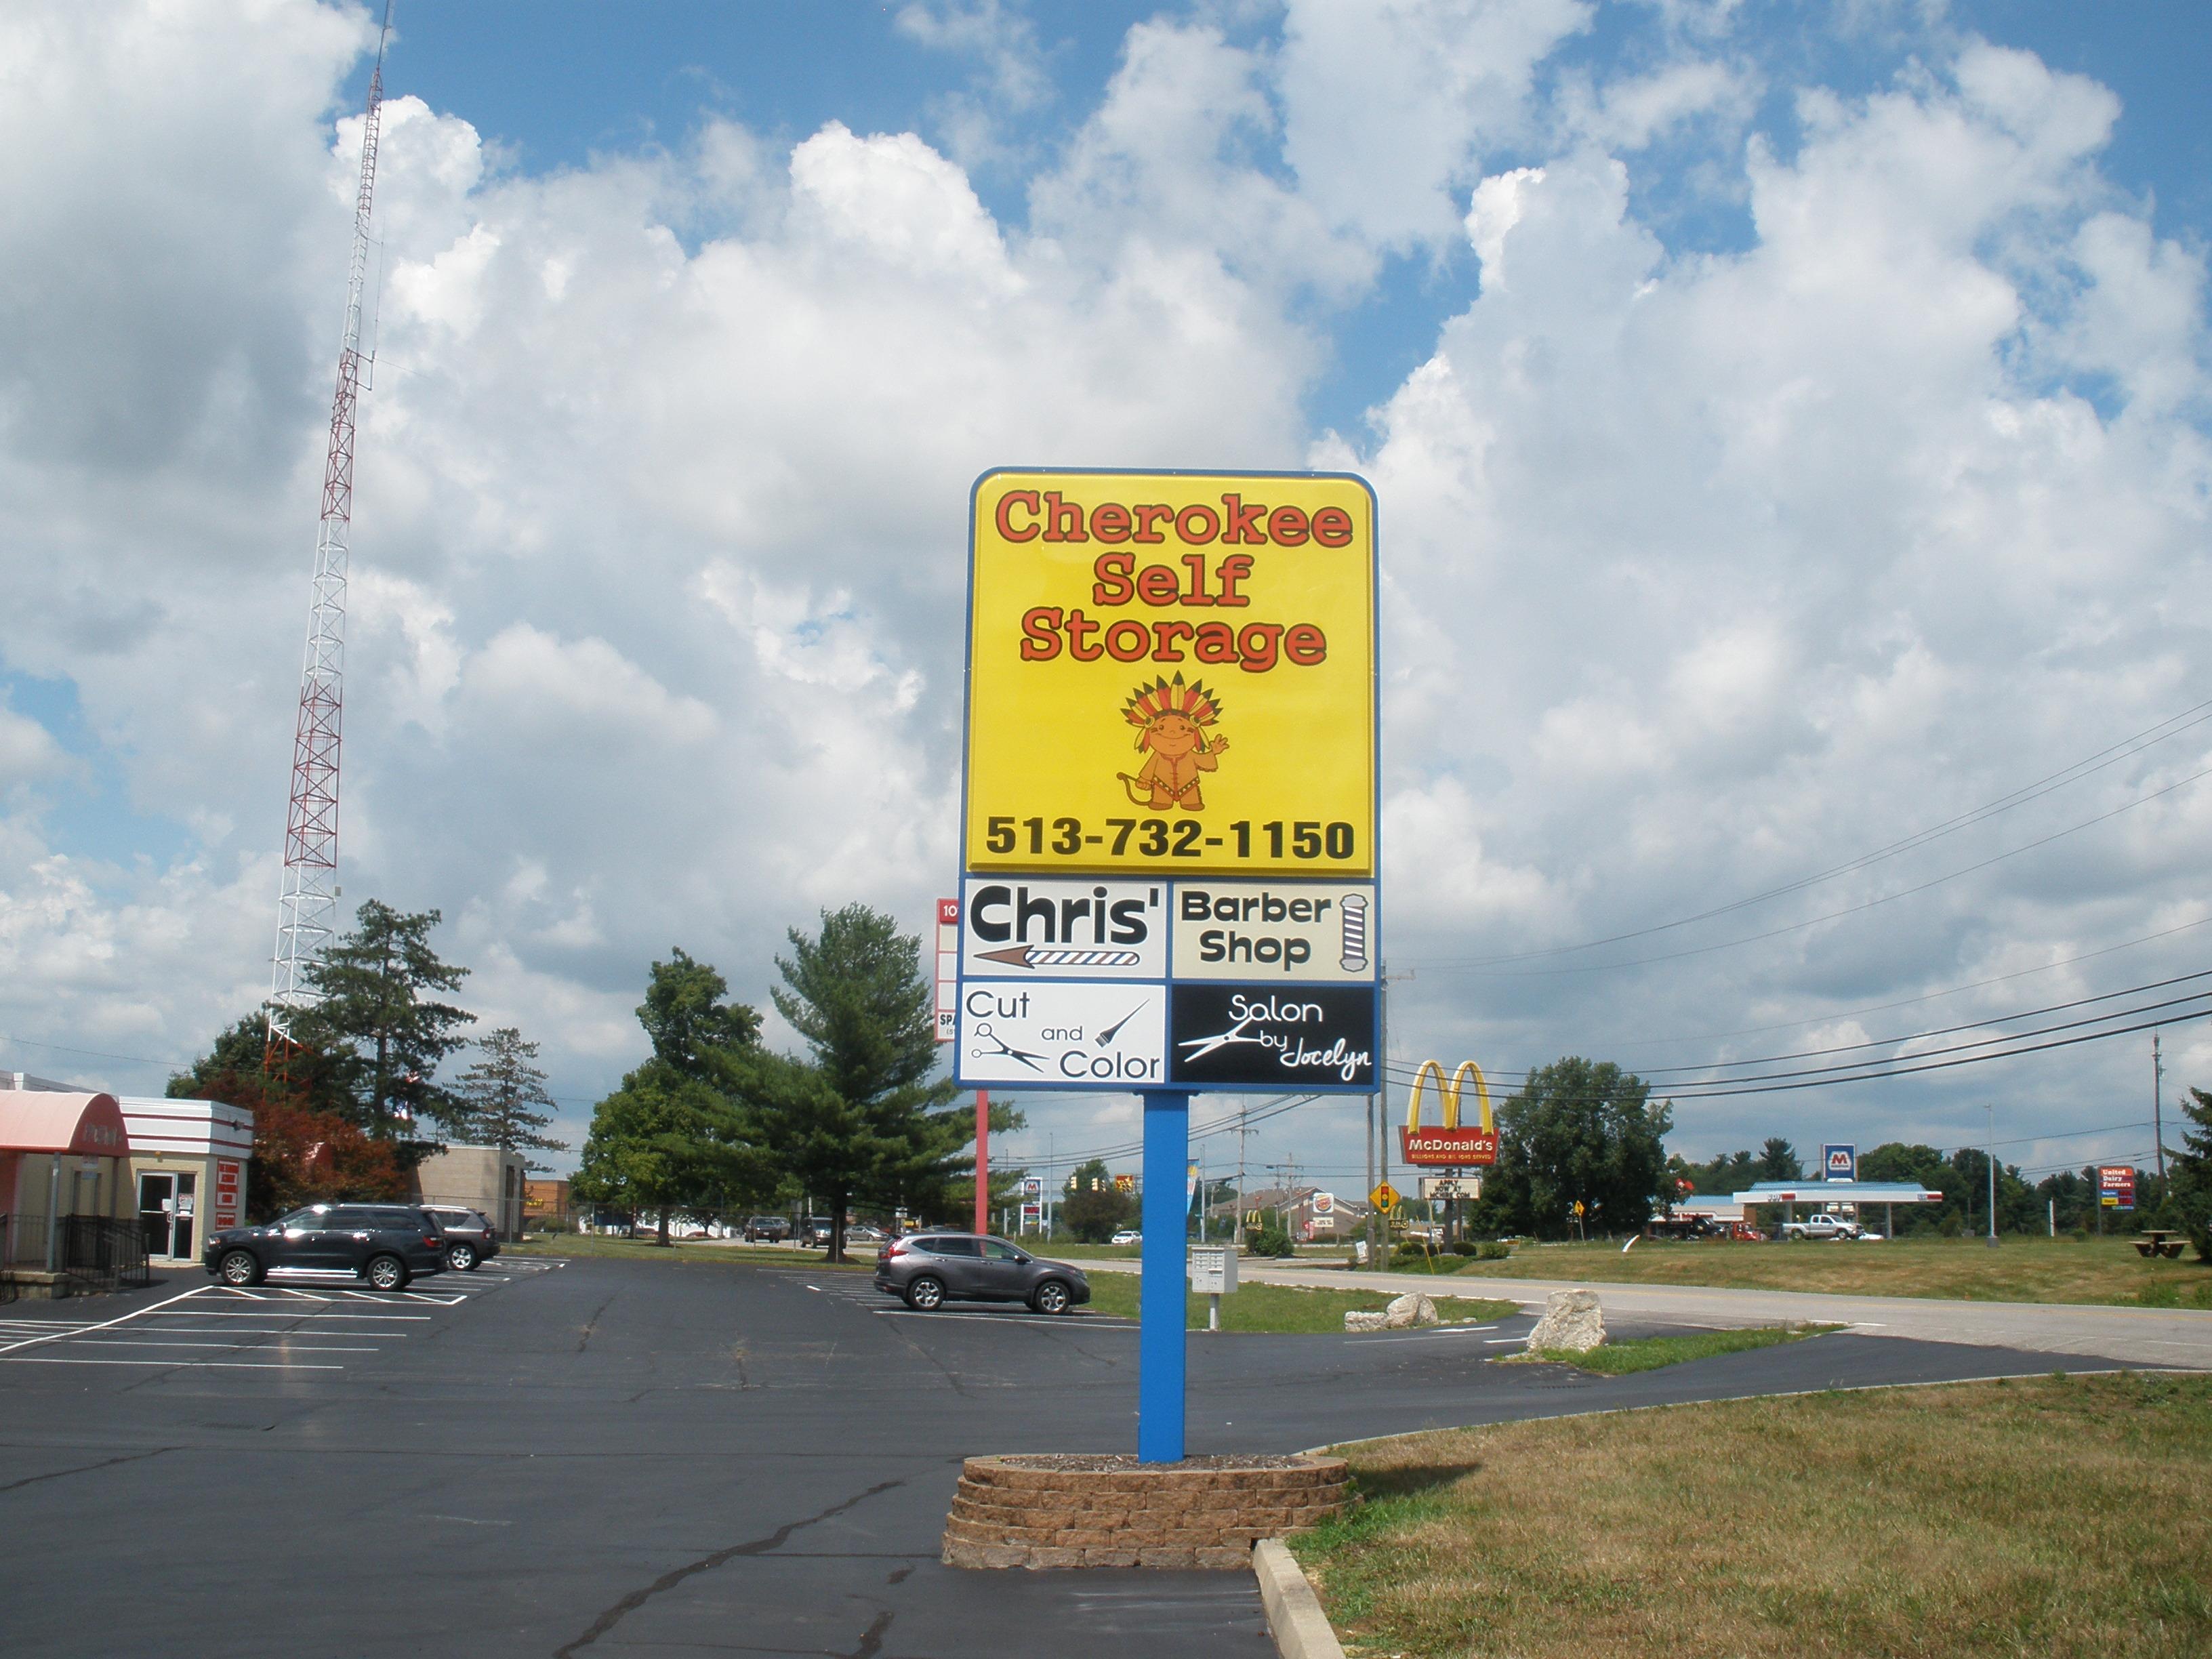 self storage signage batavia